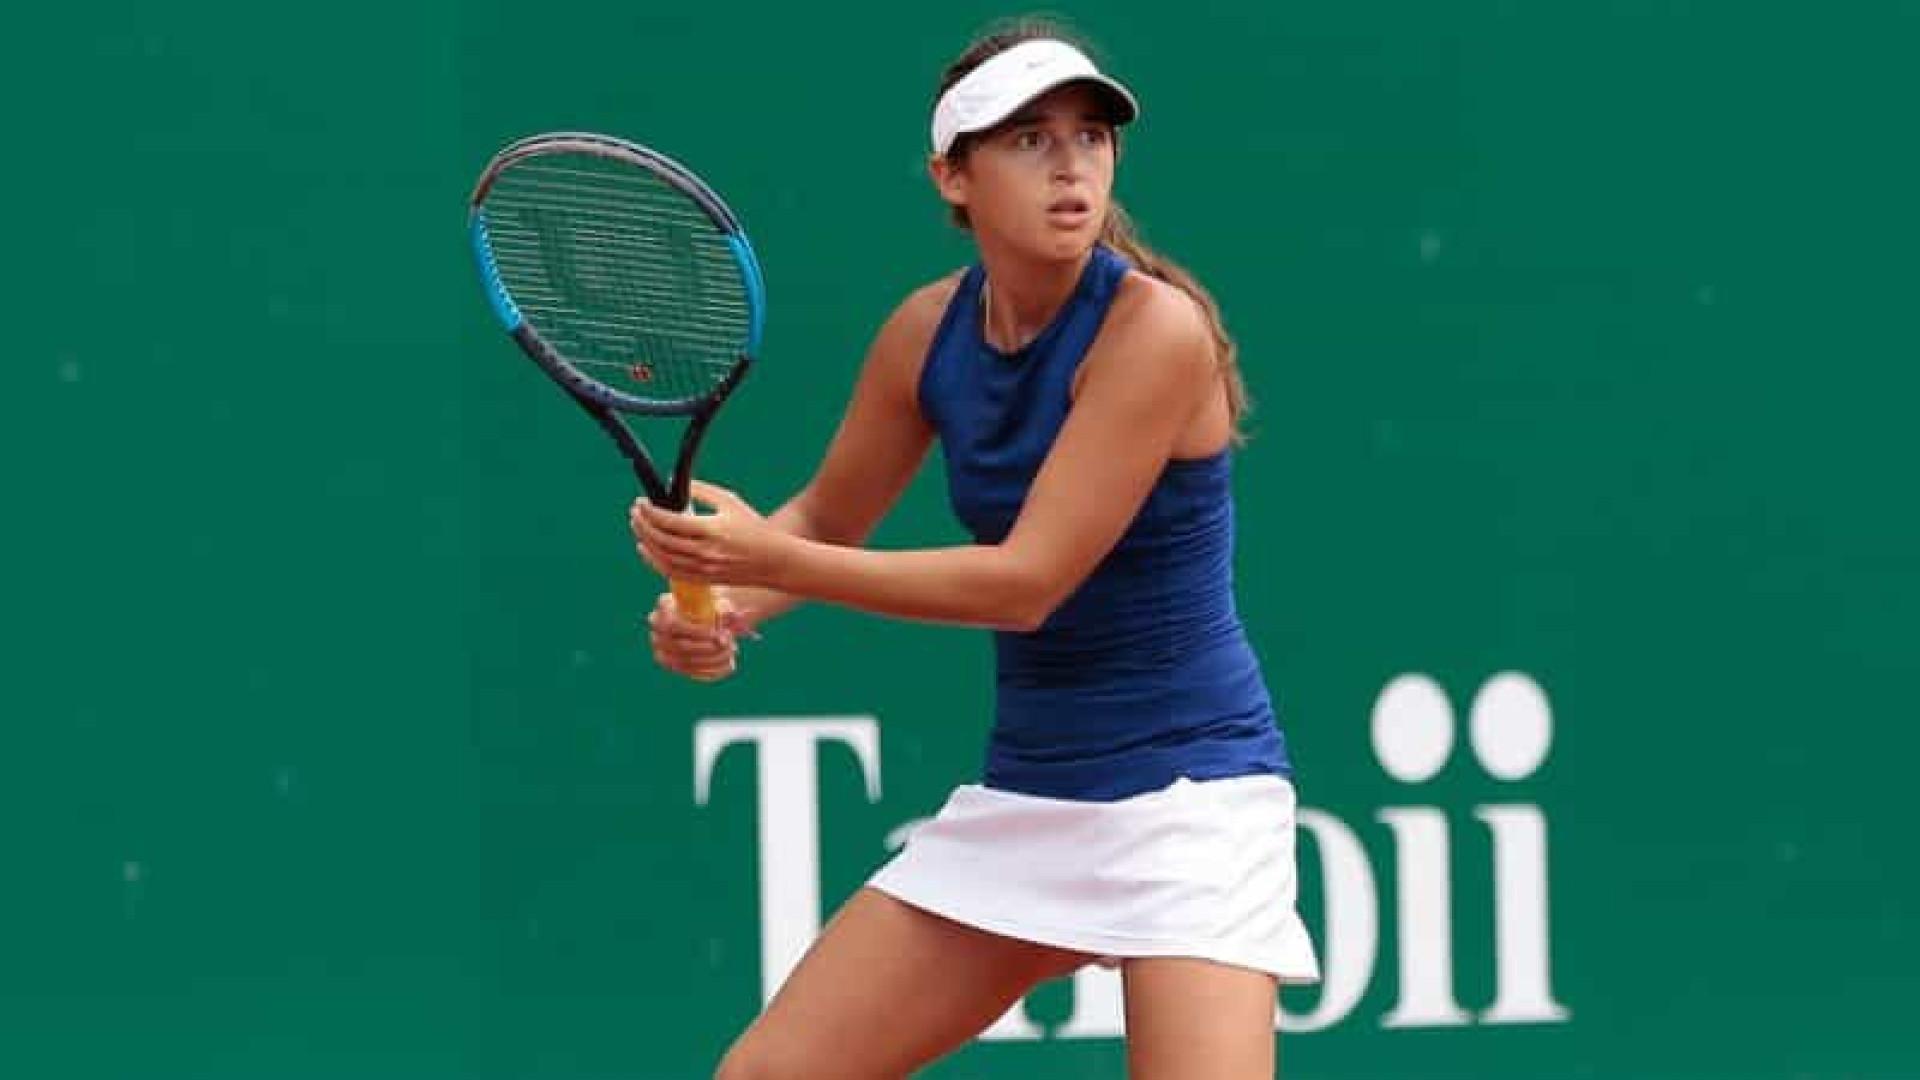 Contaminação de suplemento causou doping de tenista, diz advogado